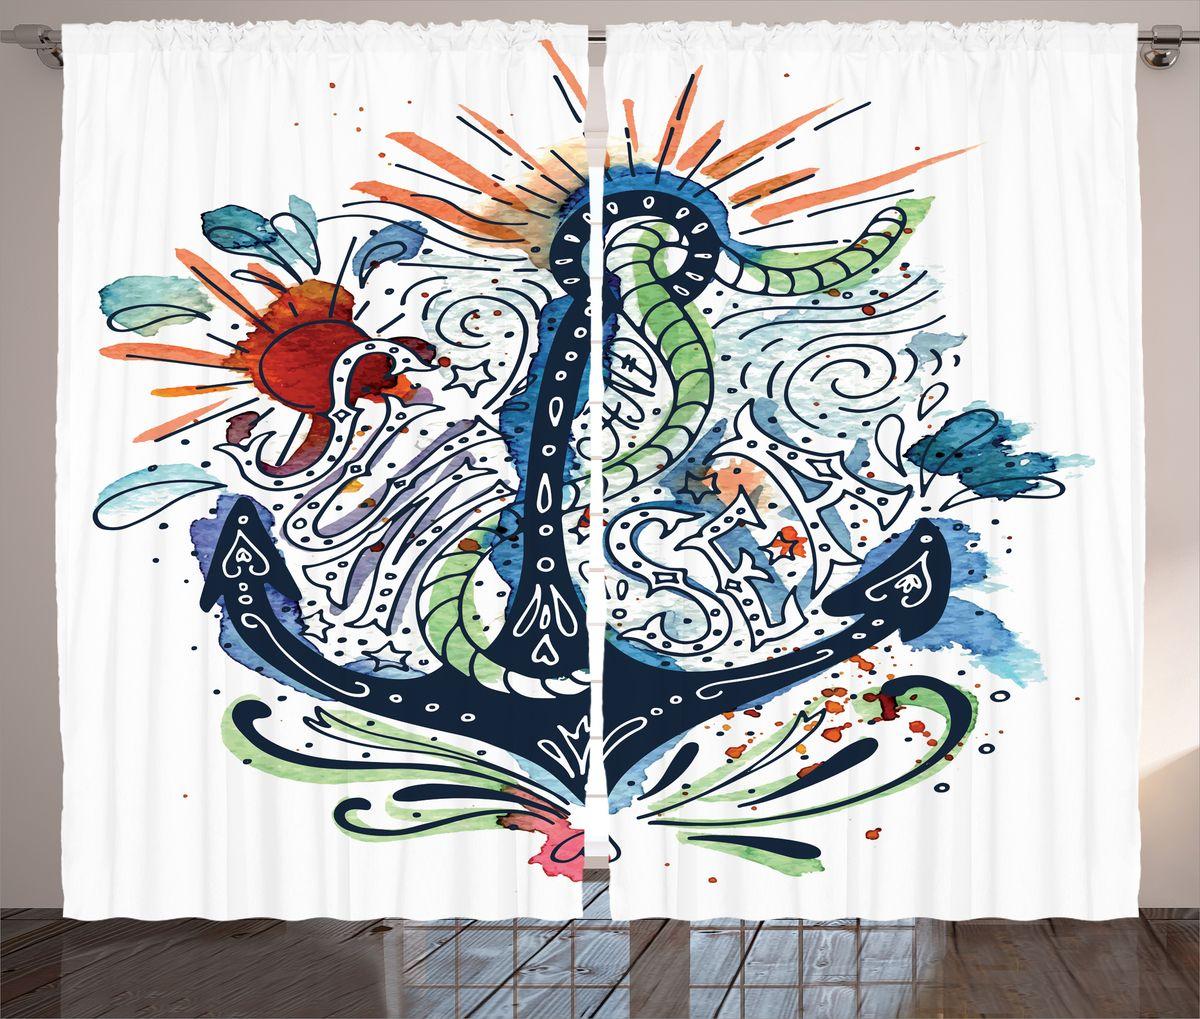 Комплект фотоштор Magic Lady Sun and sea, на ленте, высота 265 см. шсг_15936шсг_15936Компания Сэмболь изготавливает шторы из высококачественного сатена (полиэстер 100%). При изготовлении используются специальные гипоаллергенные чернила для прямой печати по ткани, безопасные для человека и животных. Экологичность продукции Magic lady и безопасность для окружающей среды подтверждены сертификатом Oeko-Tex Standard 100. Крепление: крючки для крепления на шторной ленте (50 шт). Возможно крепление на трубу. Внимание! При нанесении сублимационной печати на ткань технологическим методом при температуре 240°С, возможно отклонение полученных размеров (указанных на этикетке и сайте) от стандартных на + - 3-5 см. Производитель старается максимально точно передать цвета изделия на фотографиях, однако искажения неизбежны и фактический цвет изделия может отличаться от воспринимаемого по фото. Обратите внимание! Шторы изготовлены из полиэстра сатенового переплетения, а не из сатина (хлопок). Размер одного полотна шторы: 145х265 см. В комплекте 2...